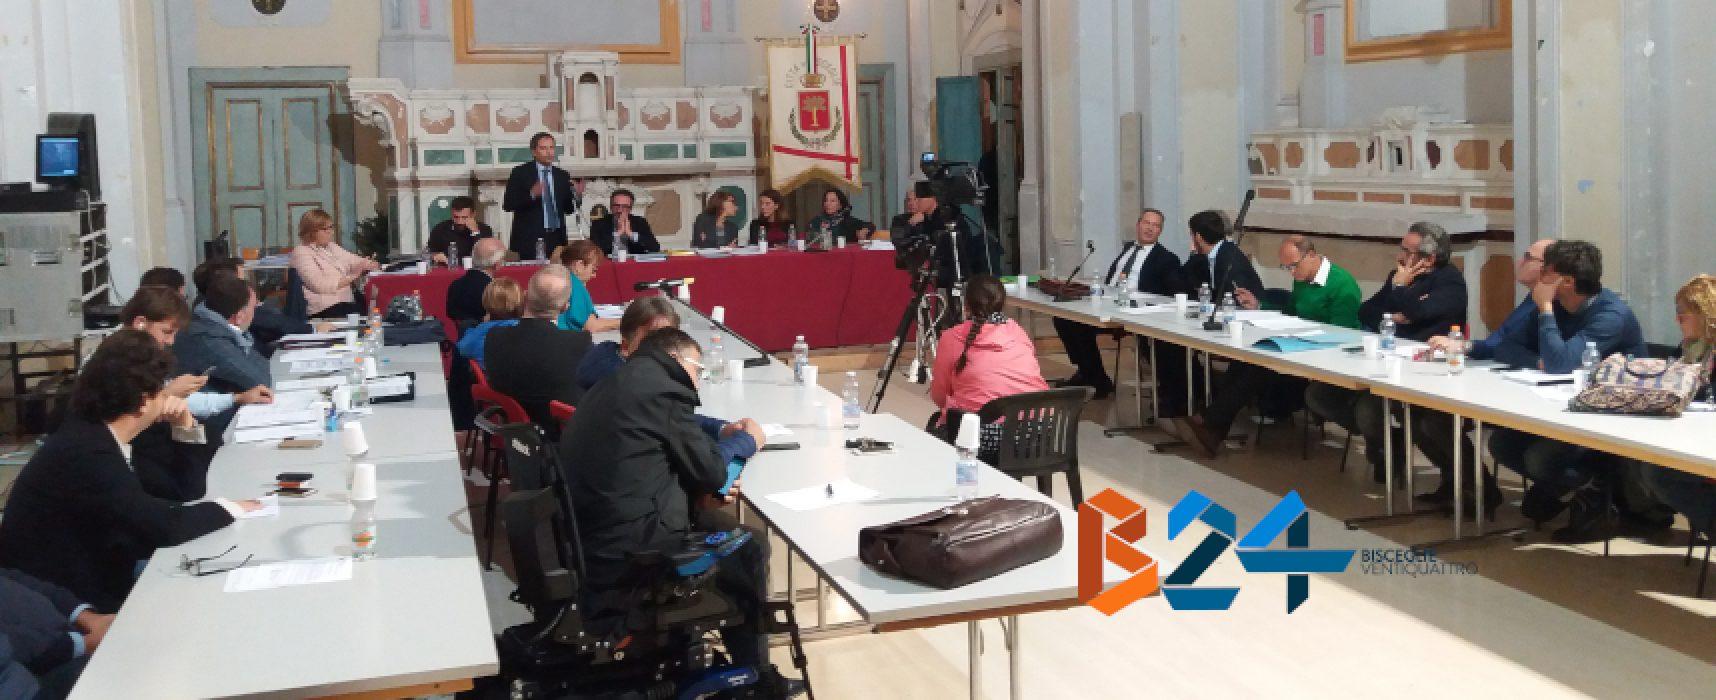 Consiglio comunale, approvati debiti fuori bilancio Zona 167 e regolamento pari opportunità